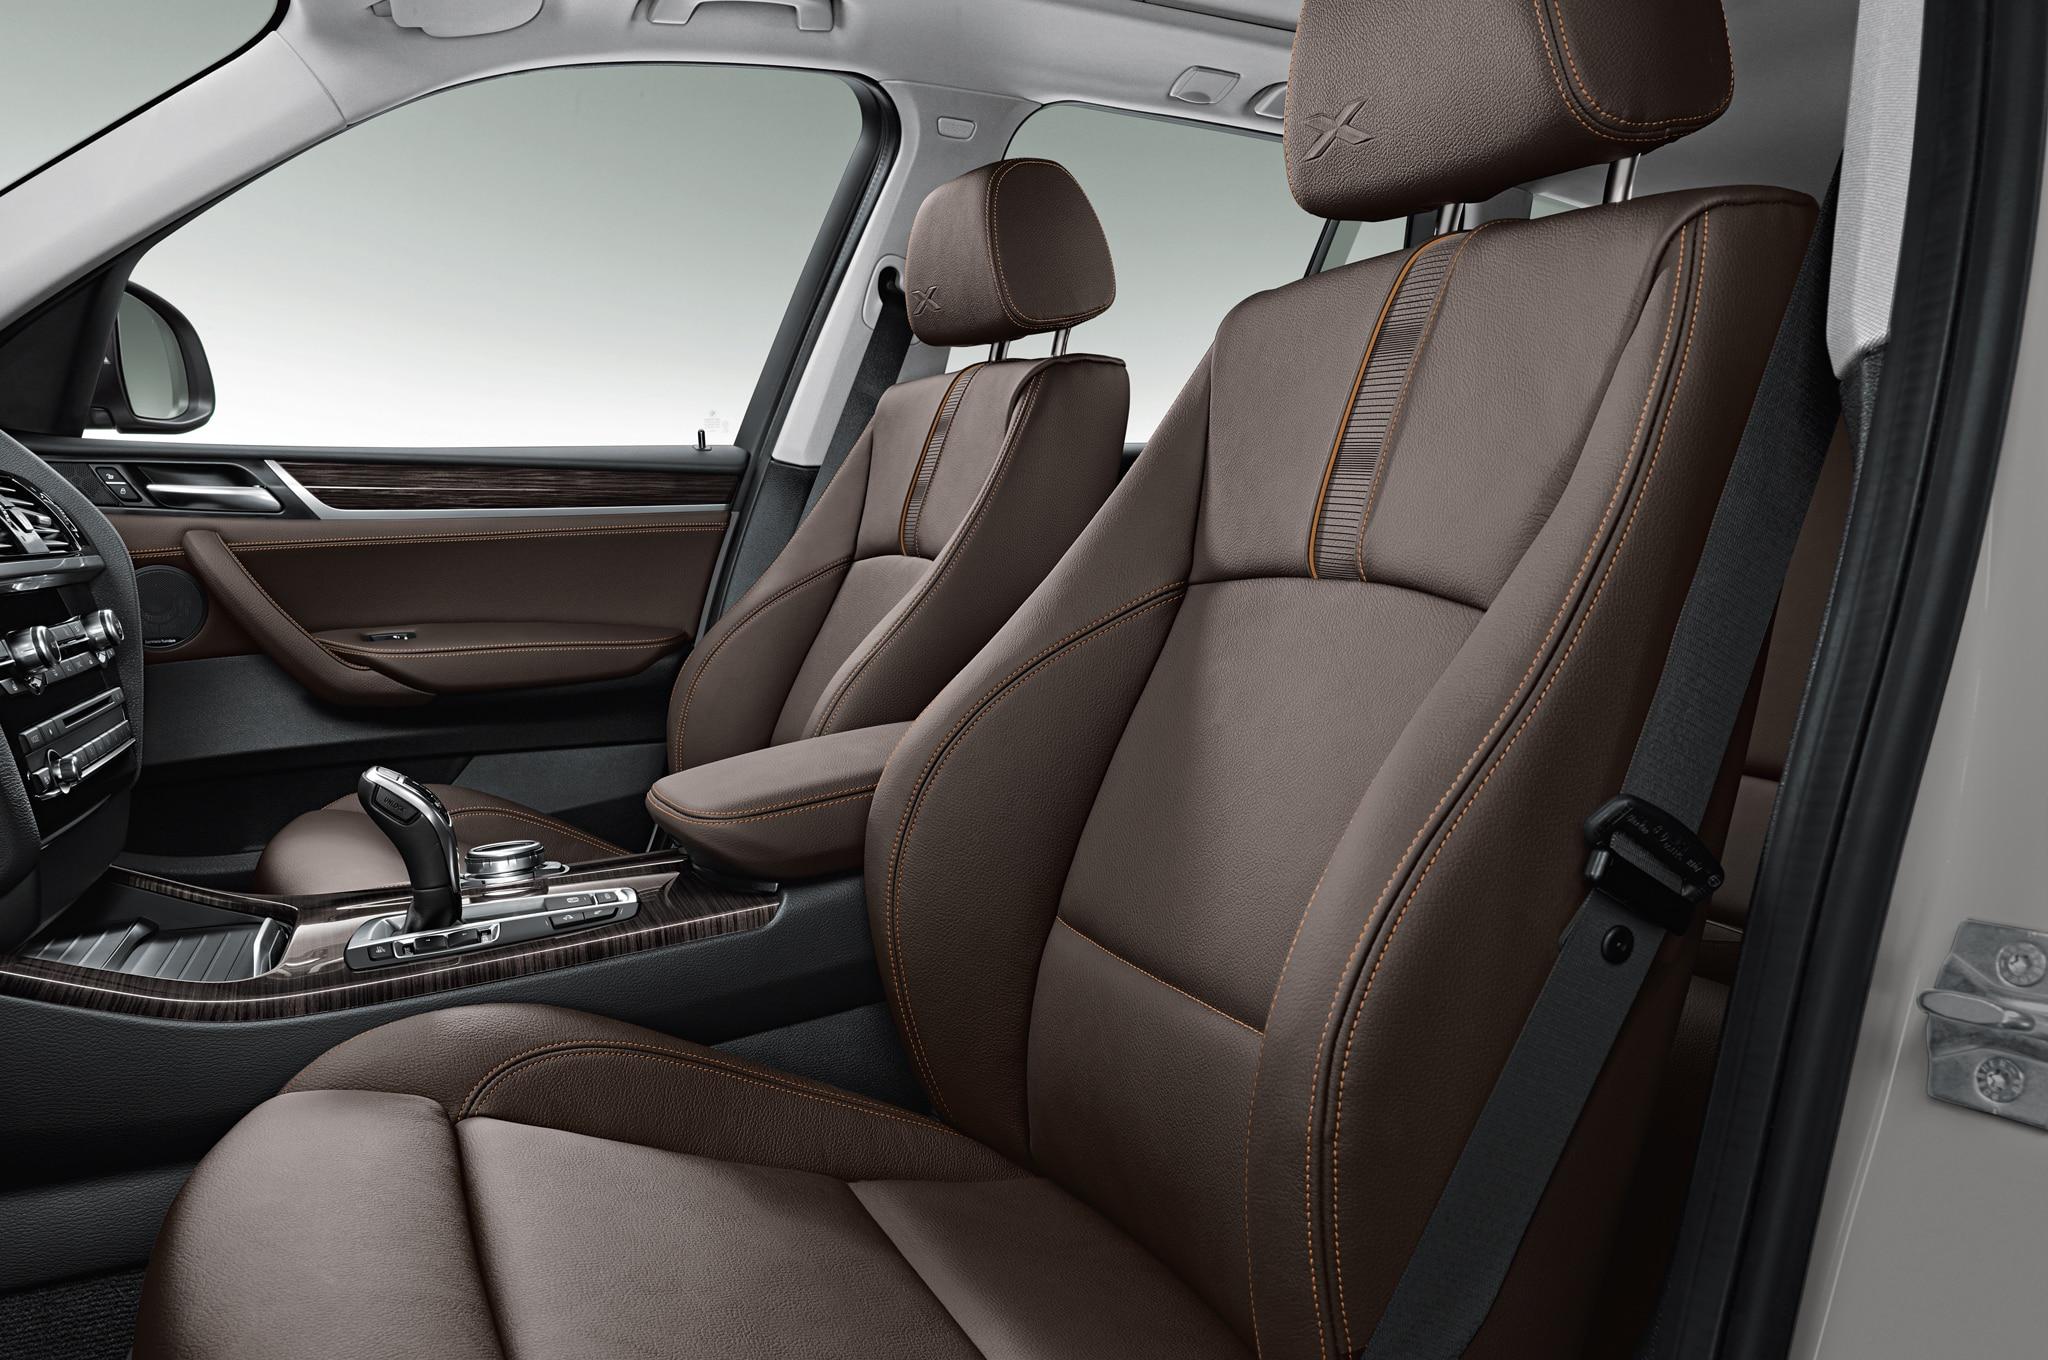 Refreshed 2015 BMW X3 Revealed